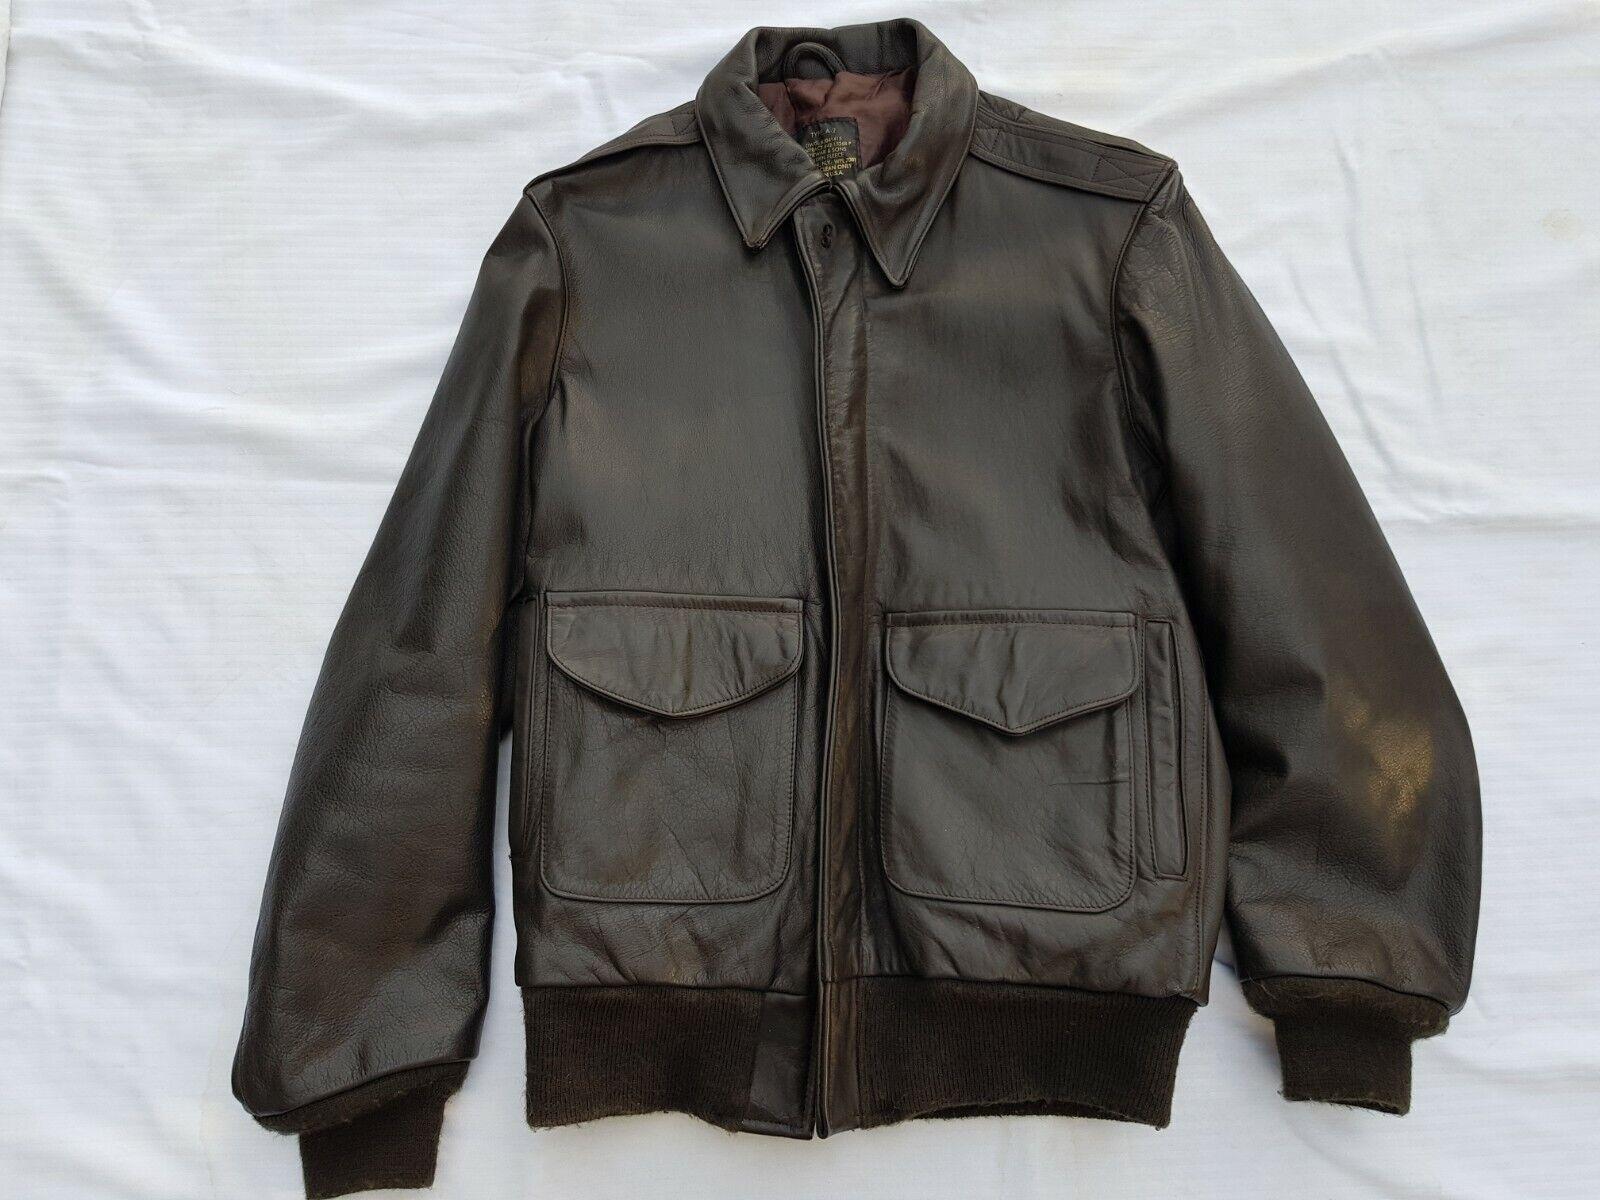 I. Spiewak & Sons Golden Fleece A-2 Leather Jacket Vintage Made In USA Größe 36